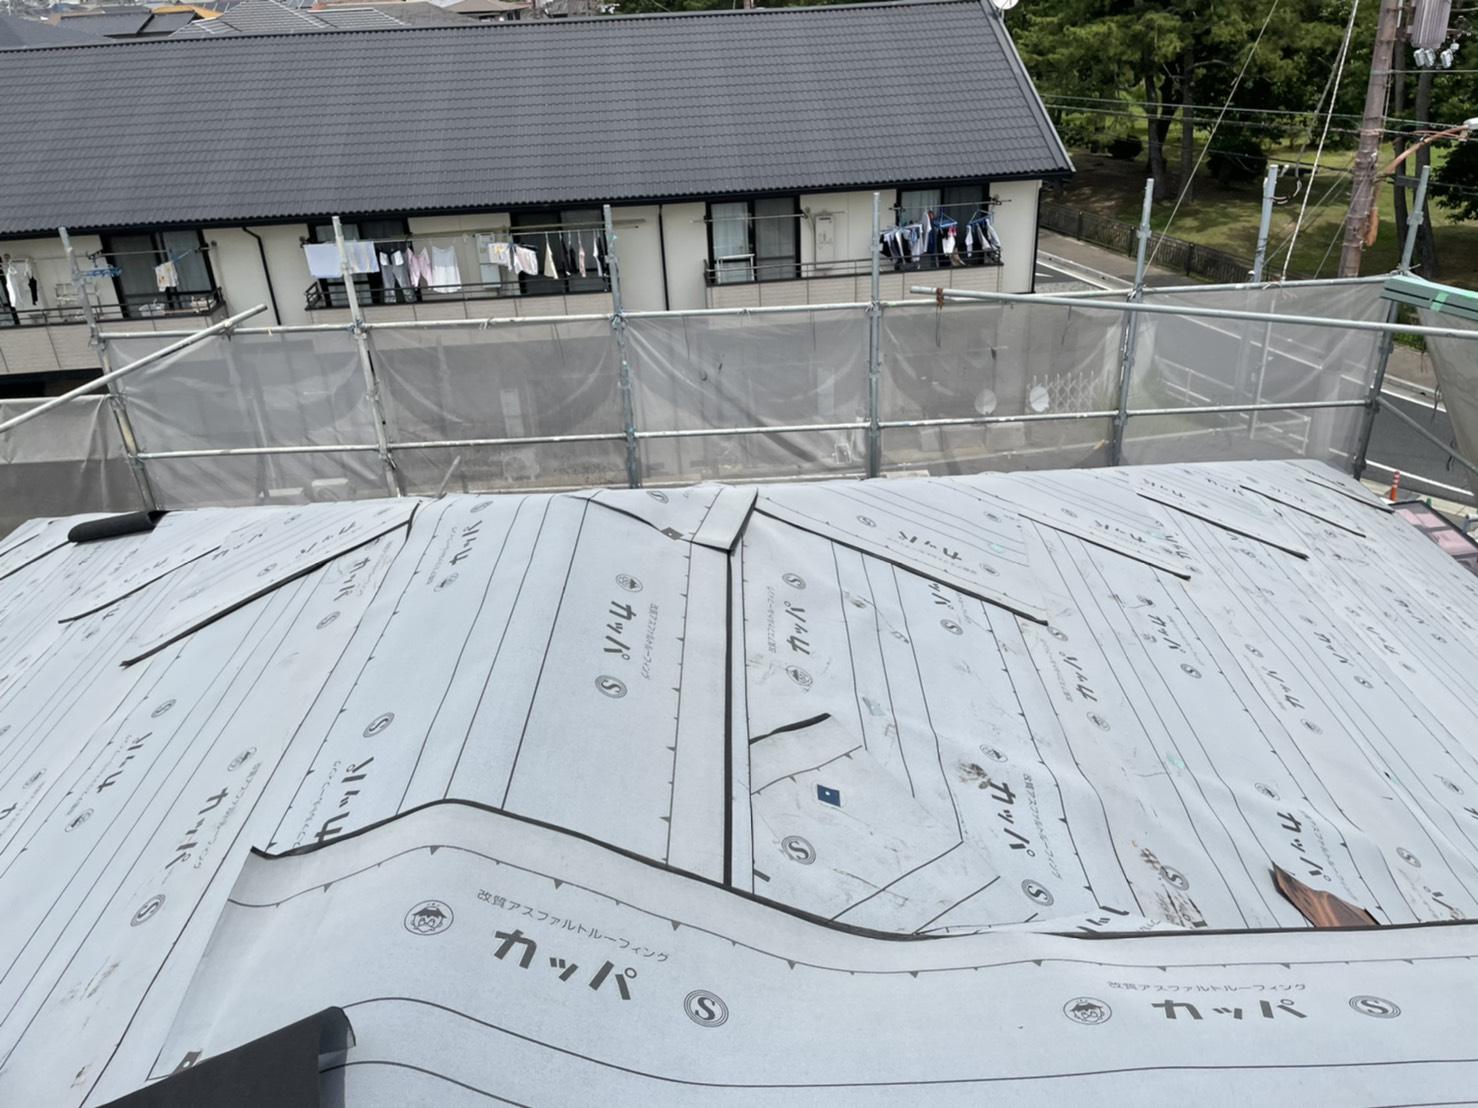 加古川市の屋根カバー工事で屋根全てに防水シートを貼った様子